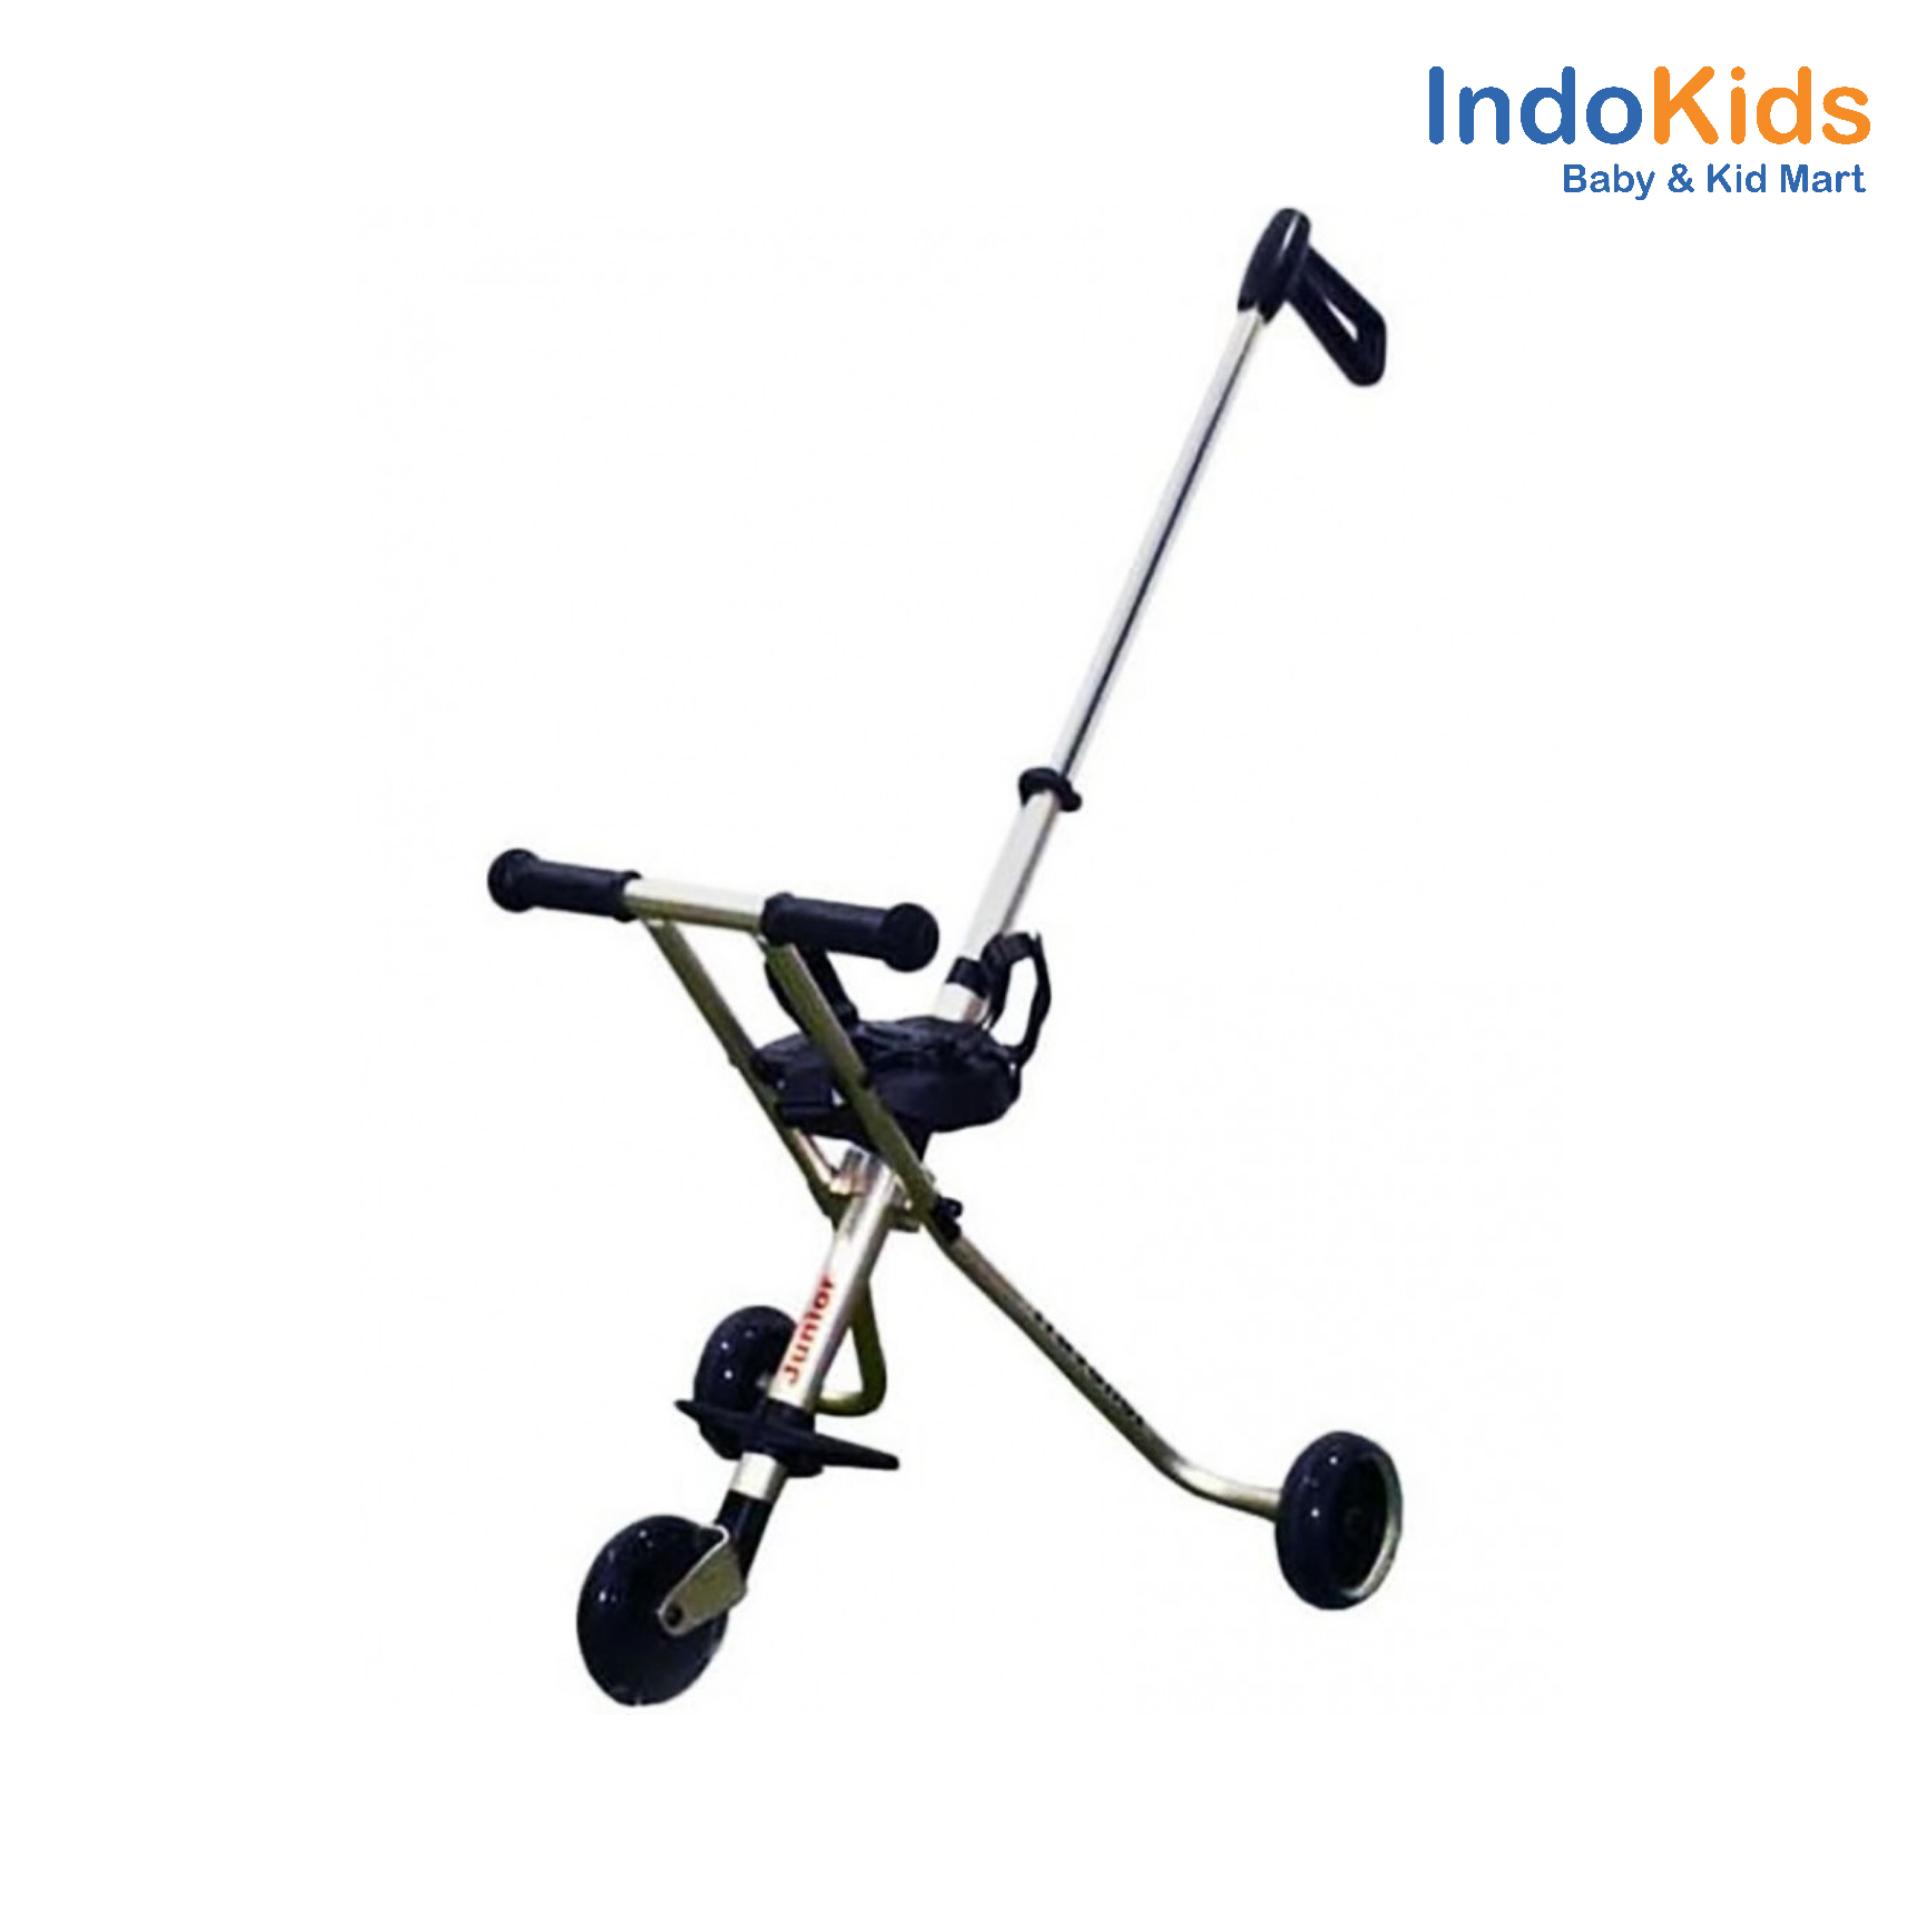 Stroller Junior Traveller - The Car for The Kids HY-001